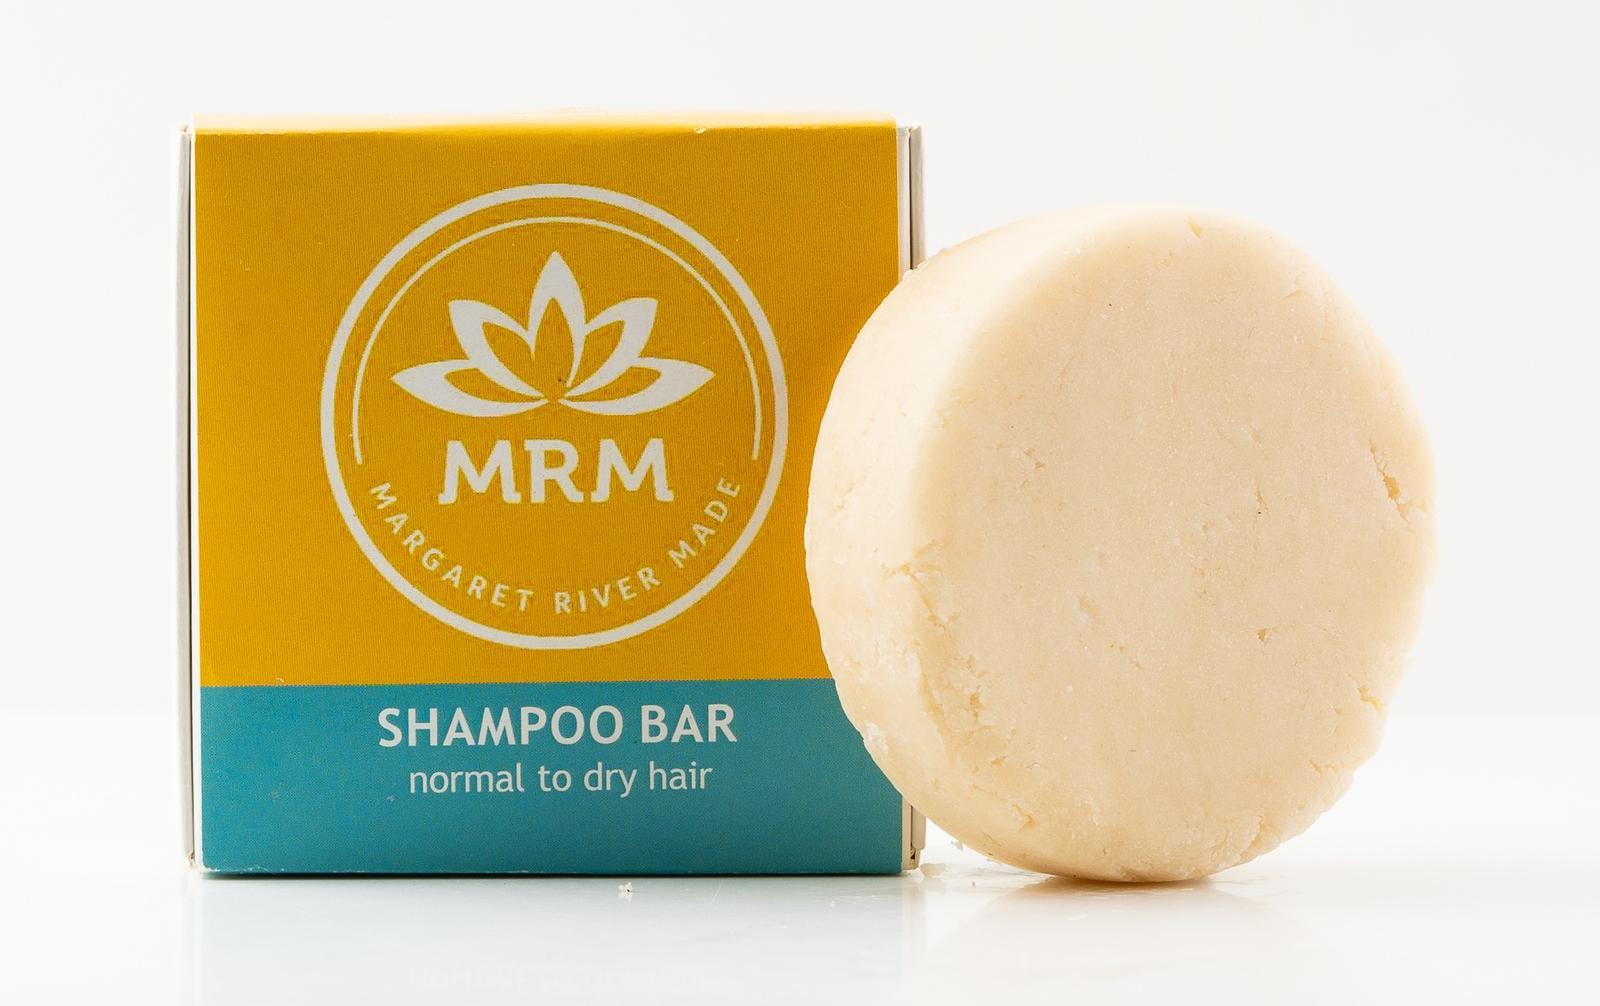 ROSEMARY & YLANG YLANG SHAMPOO BARS Normal to Dry Hair